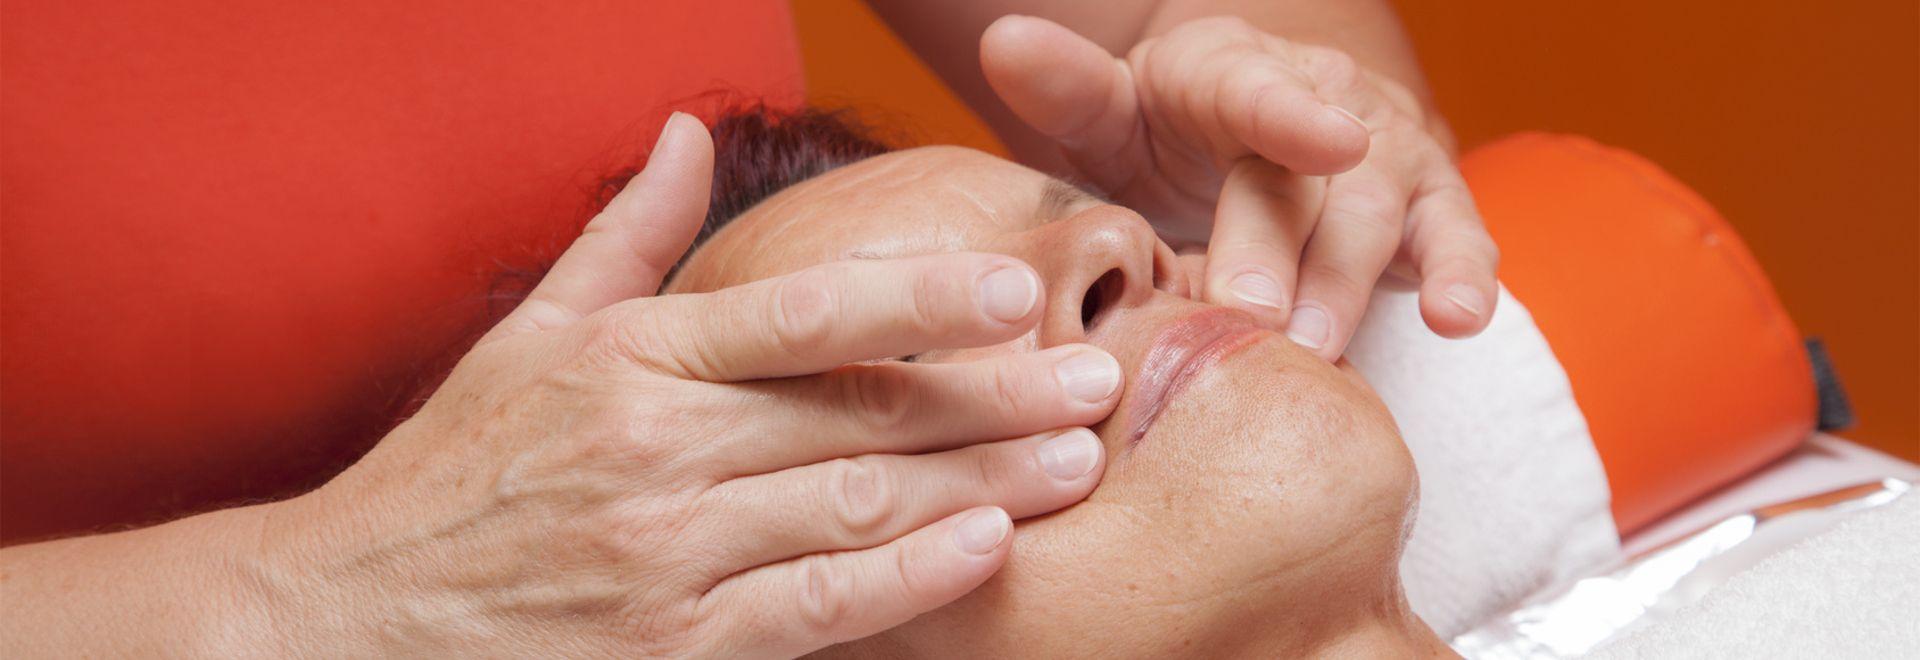 In der Beautybranche kommt die kosmetische Lymphdrainage zum Einsatz.